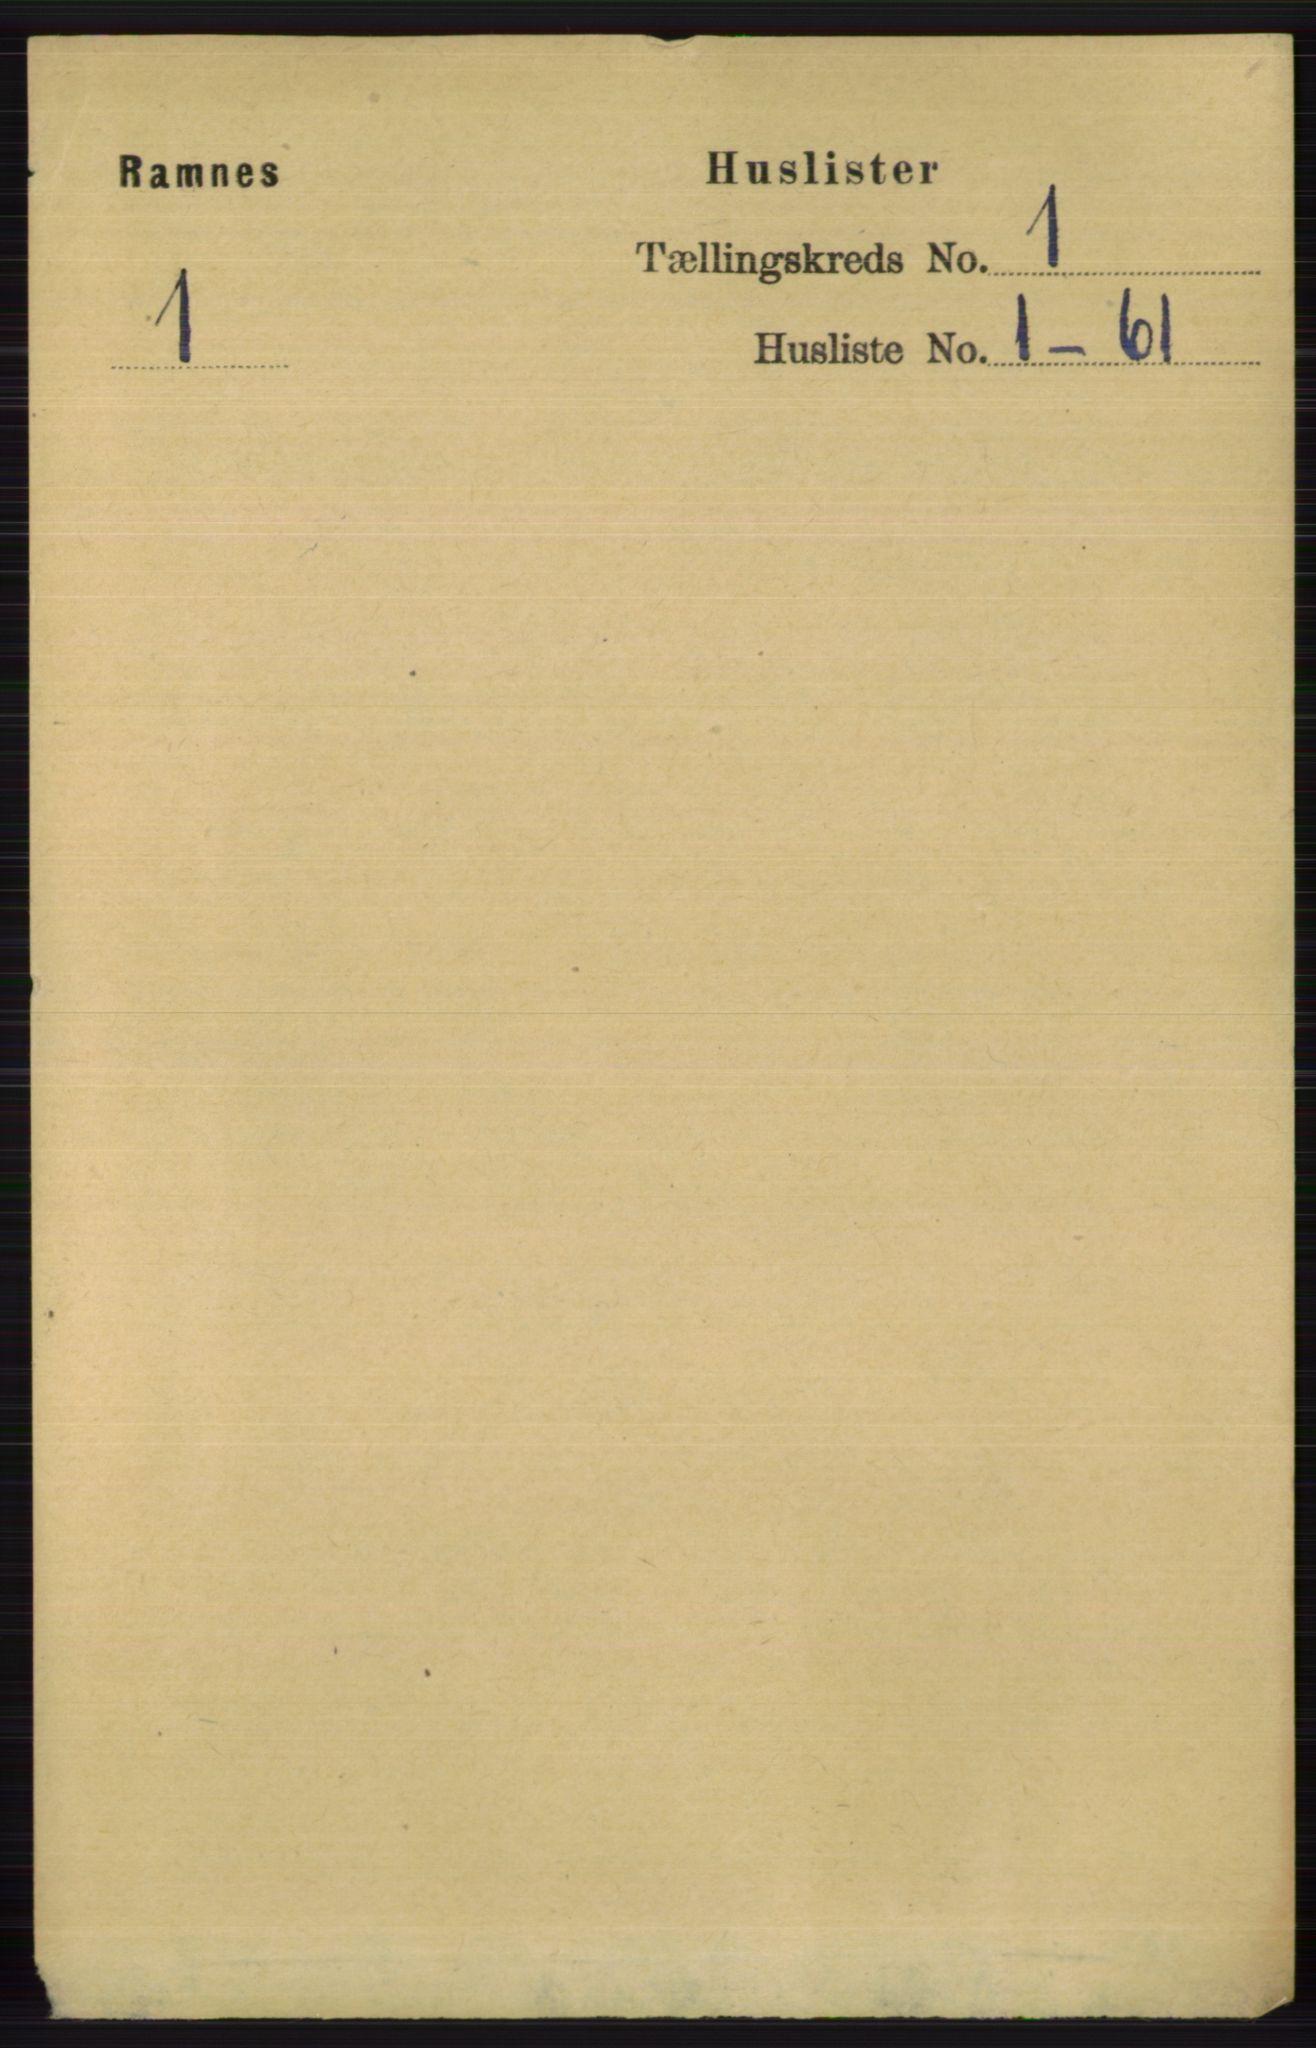 RA, Folketelling 1891 for 0718 Ramnes herred, 1891, s. 27